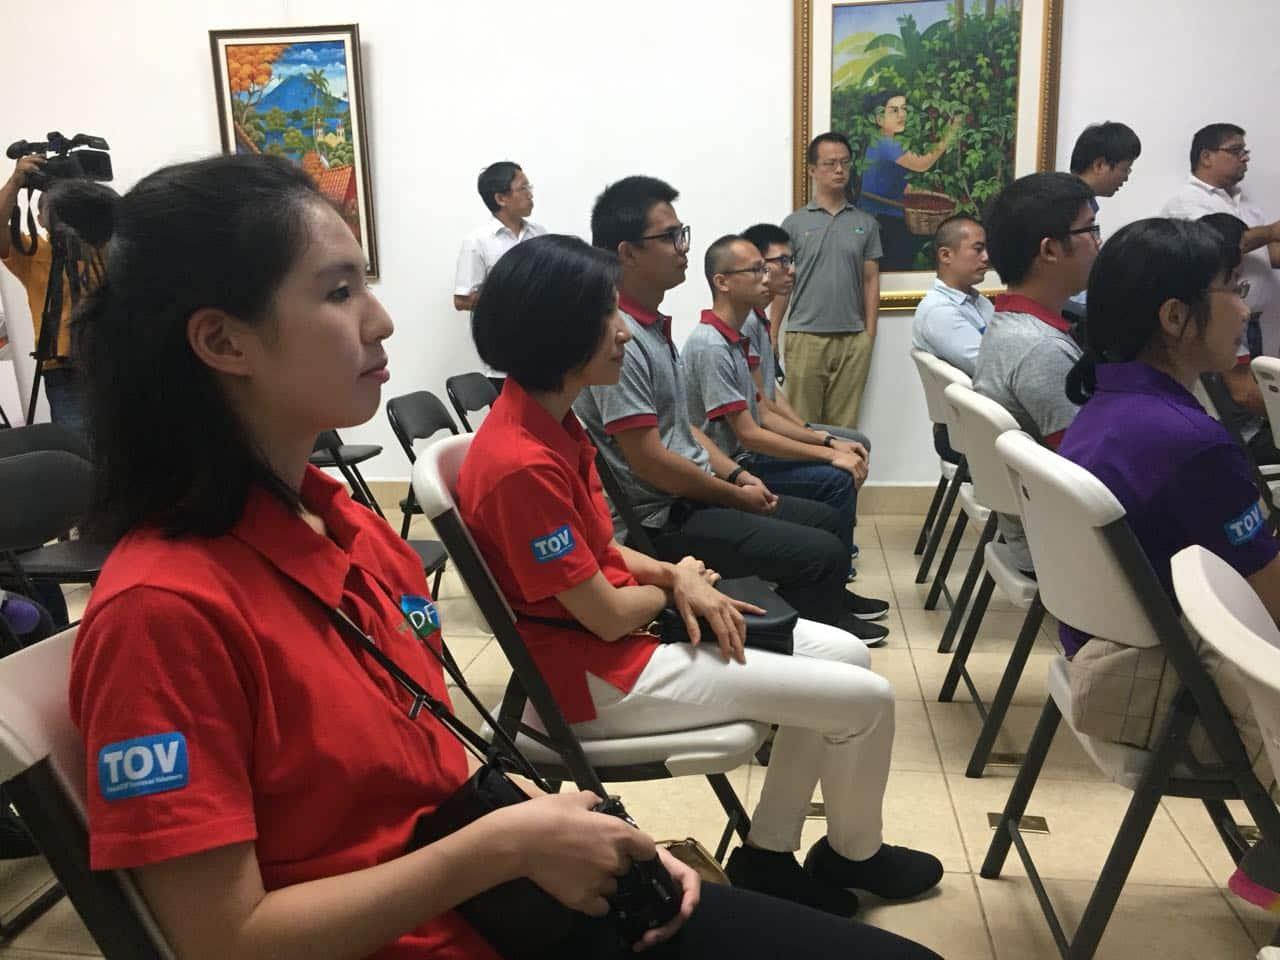 10 técnicos de Taiwán en agricultura, salud y educación llegan a Nicaragua